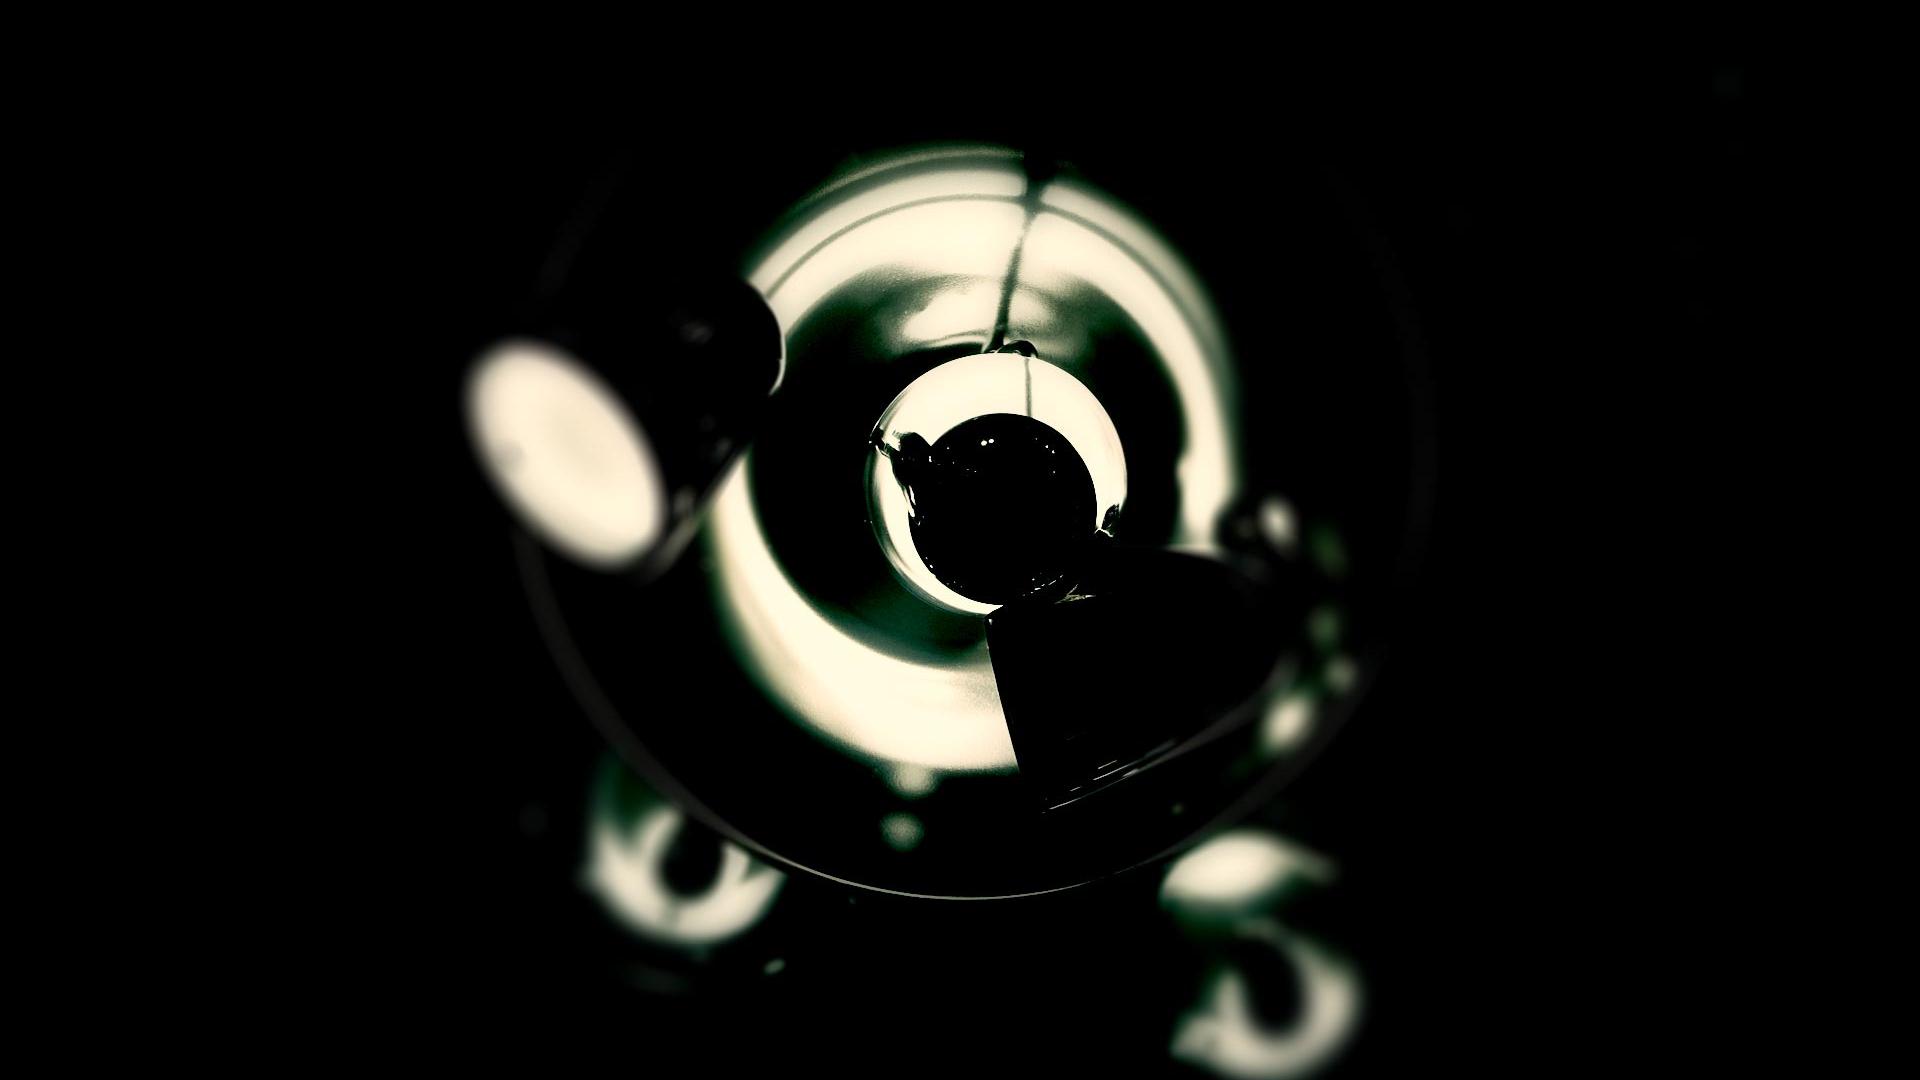 Interview von Ulrich Pfaffenberger zum Thema Employer Branding mit dem Grafikdesigner Wolfgang Beinert für den Radstand Korrespondent, Ausgabe März 2012, »Expertenansicht: So wird die Firma zu Marke«.